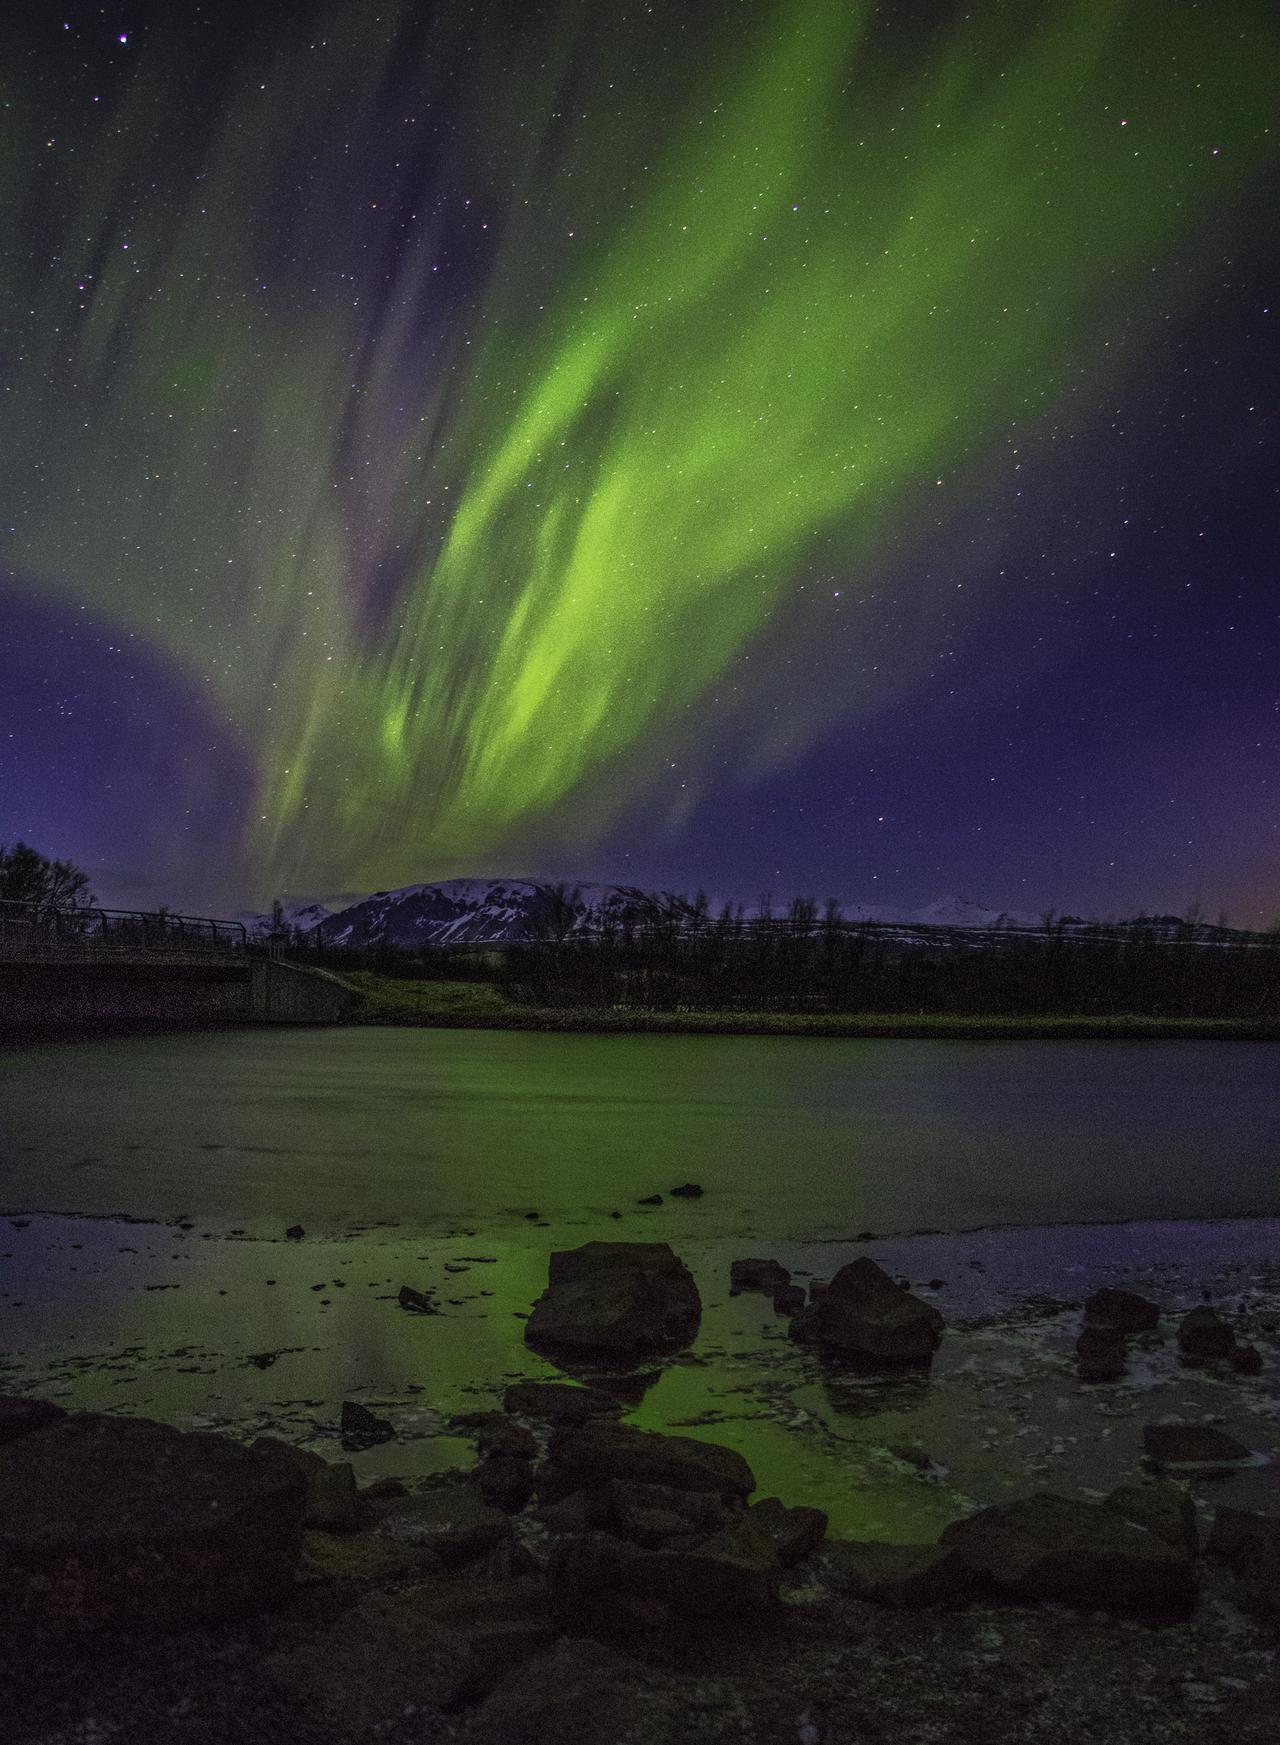 Green aurora